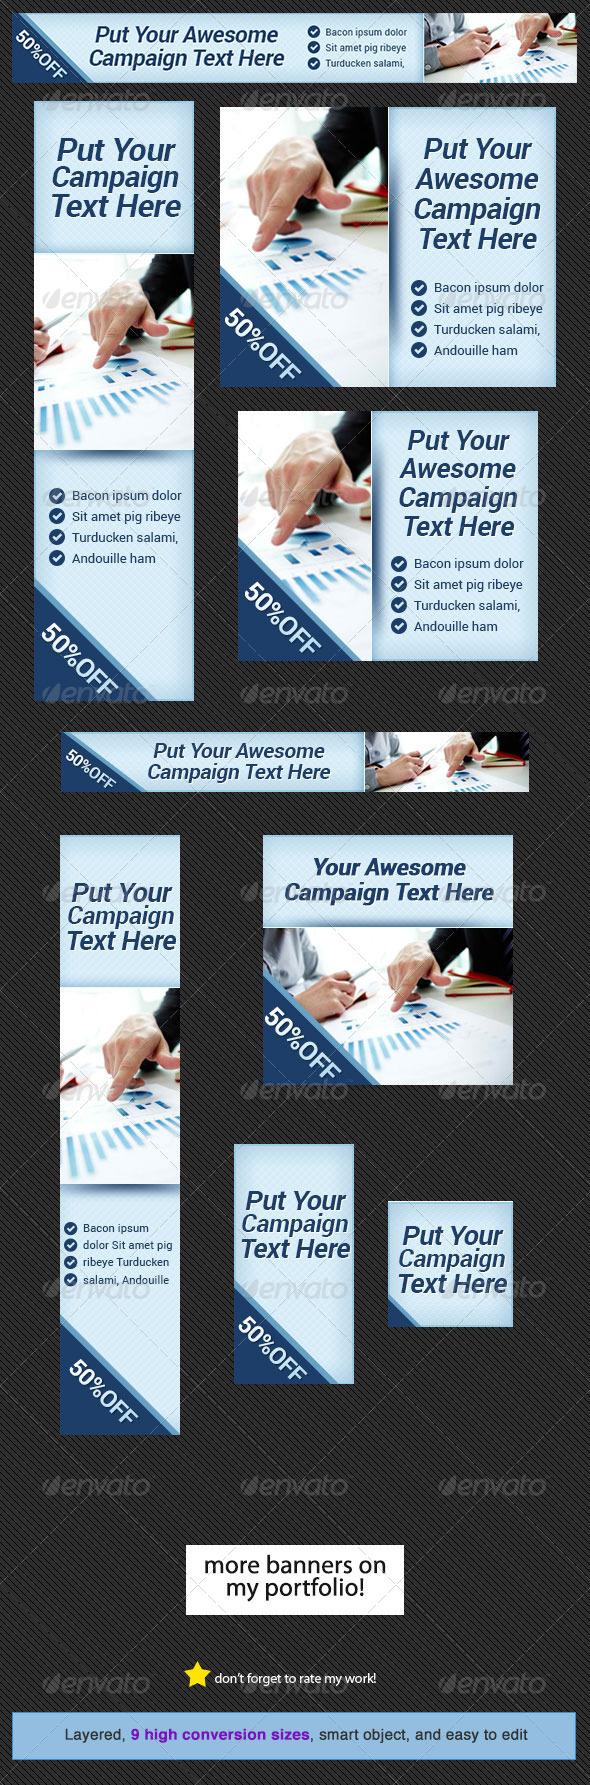 GraphicRiver Corporate Web Banner Design Template 22 5647464